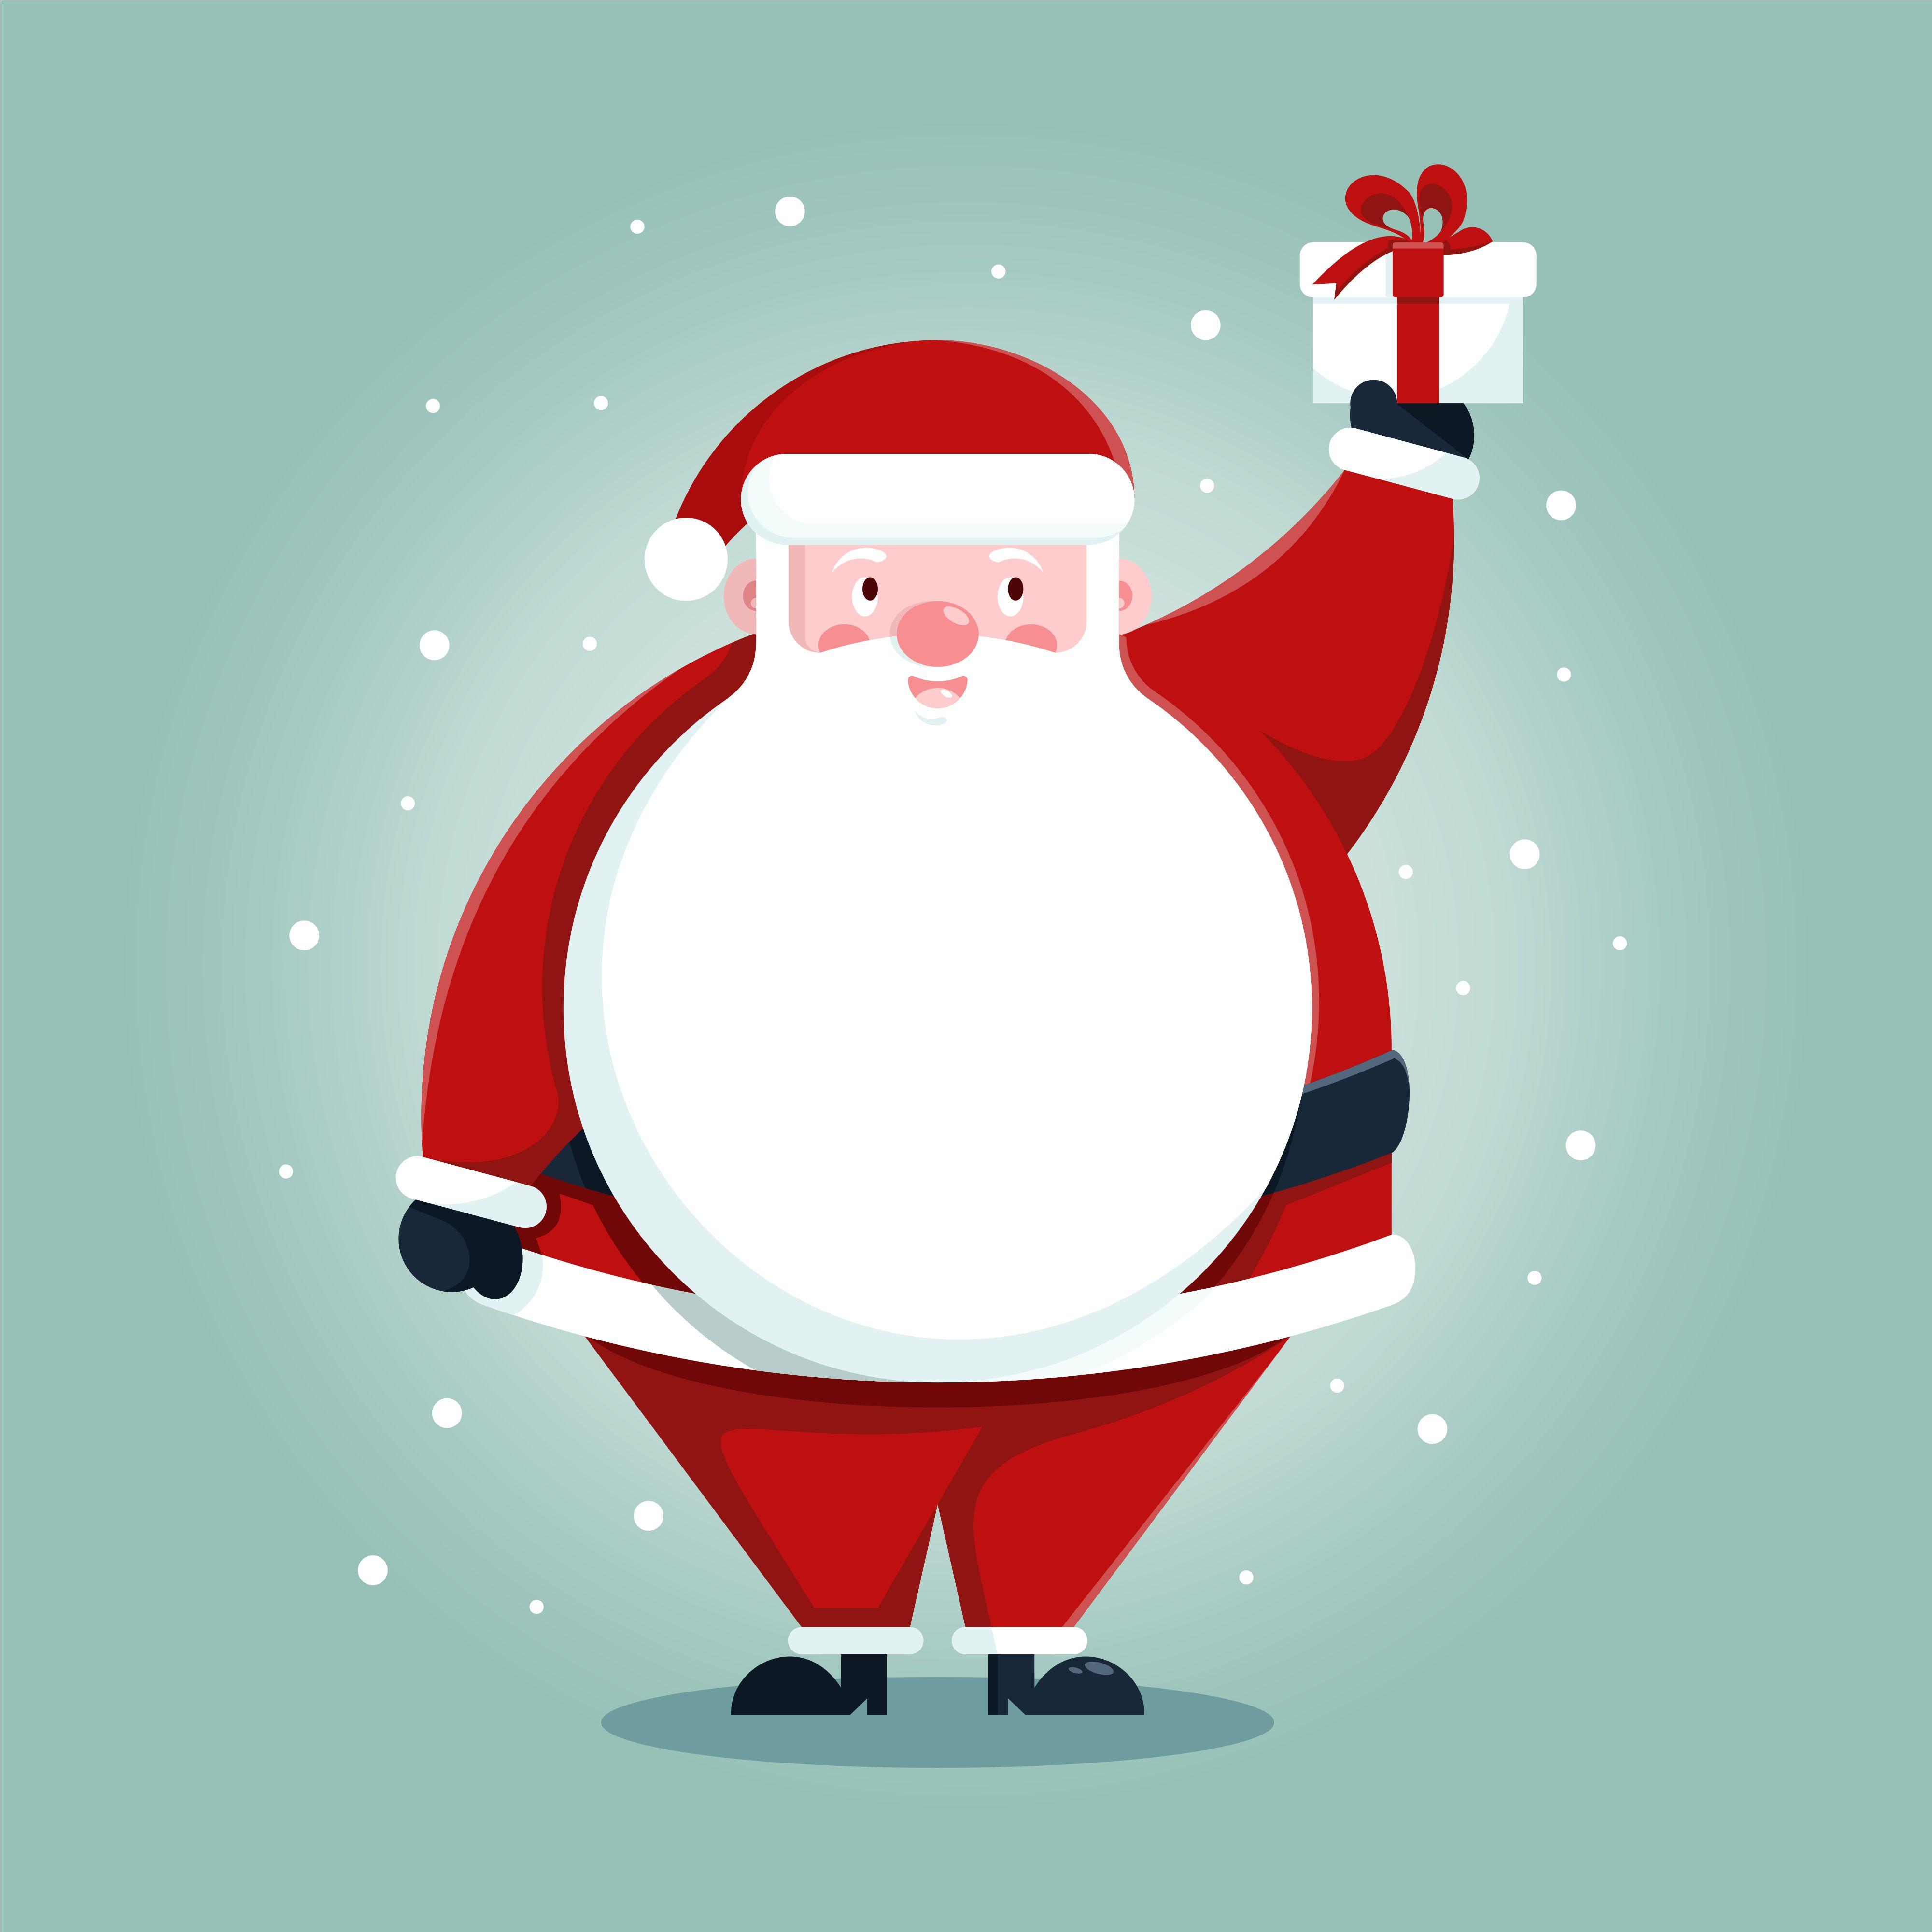 Cute Santa With Gift Box Cartoon Download Free Vectors Clipart Graphics Vector Art